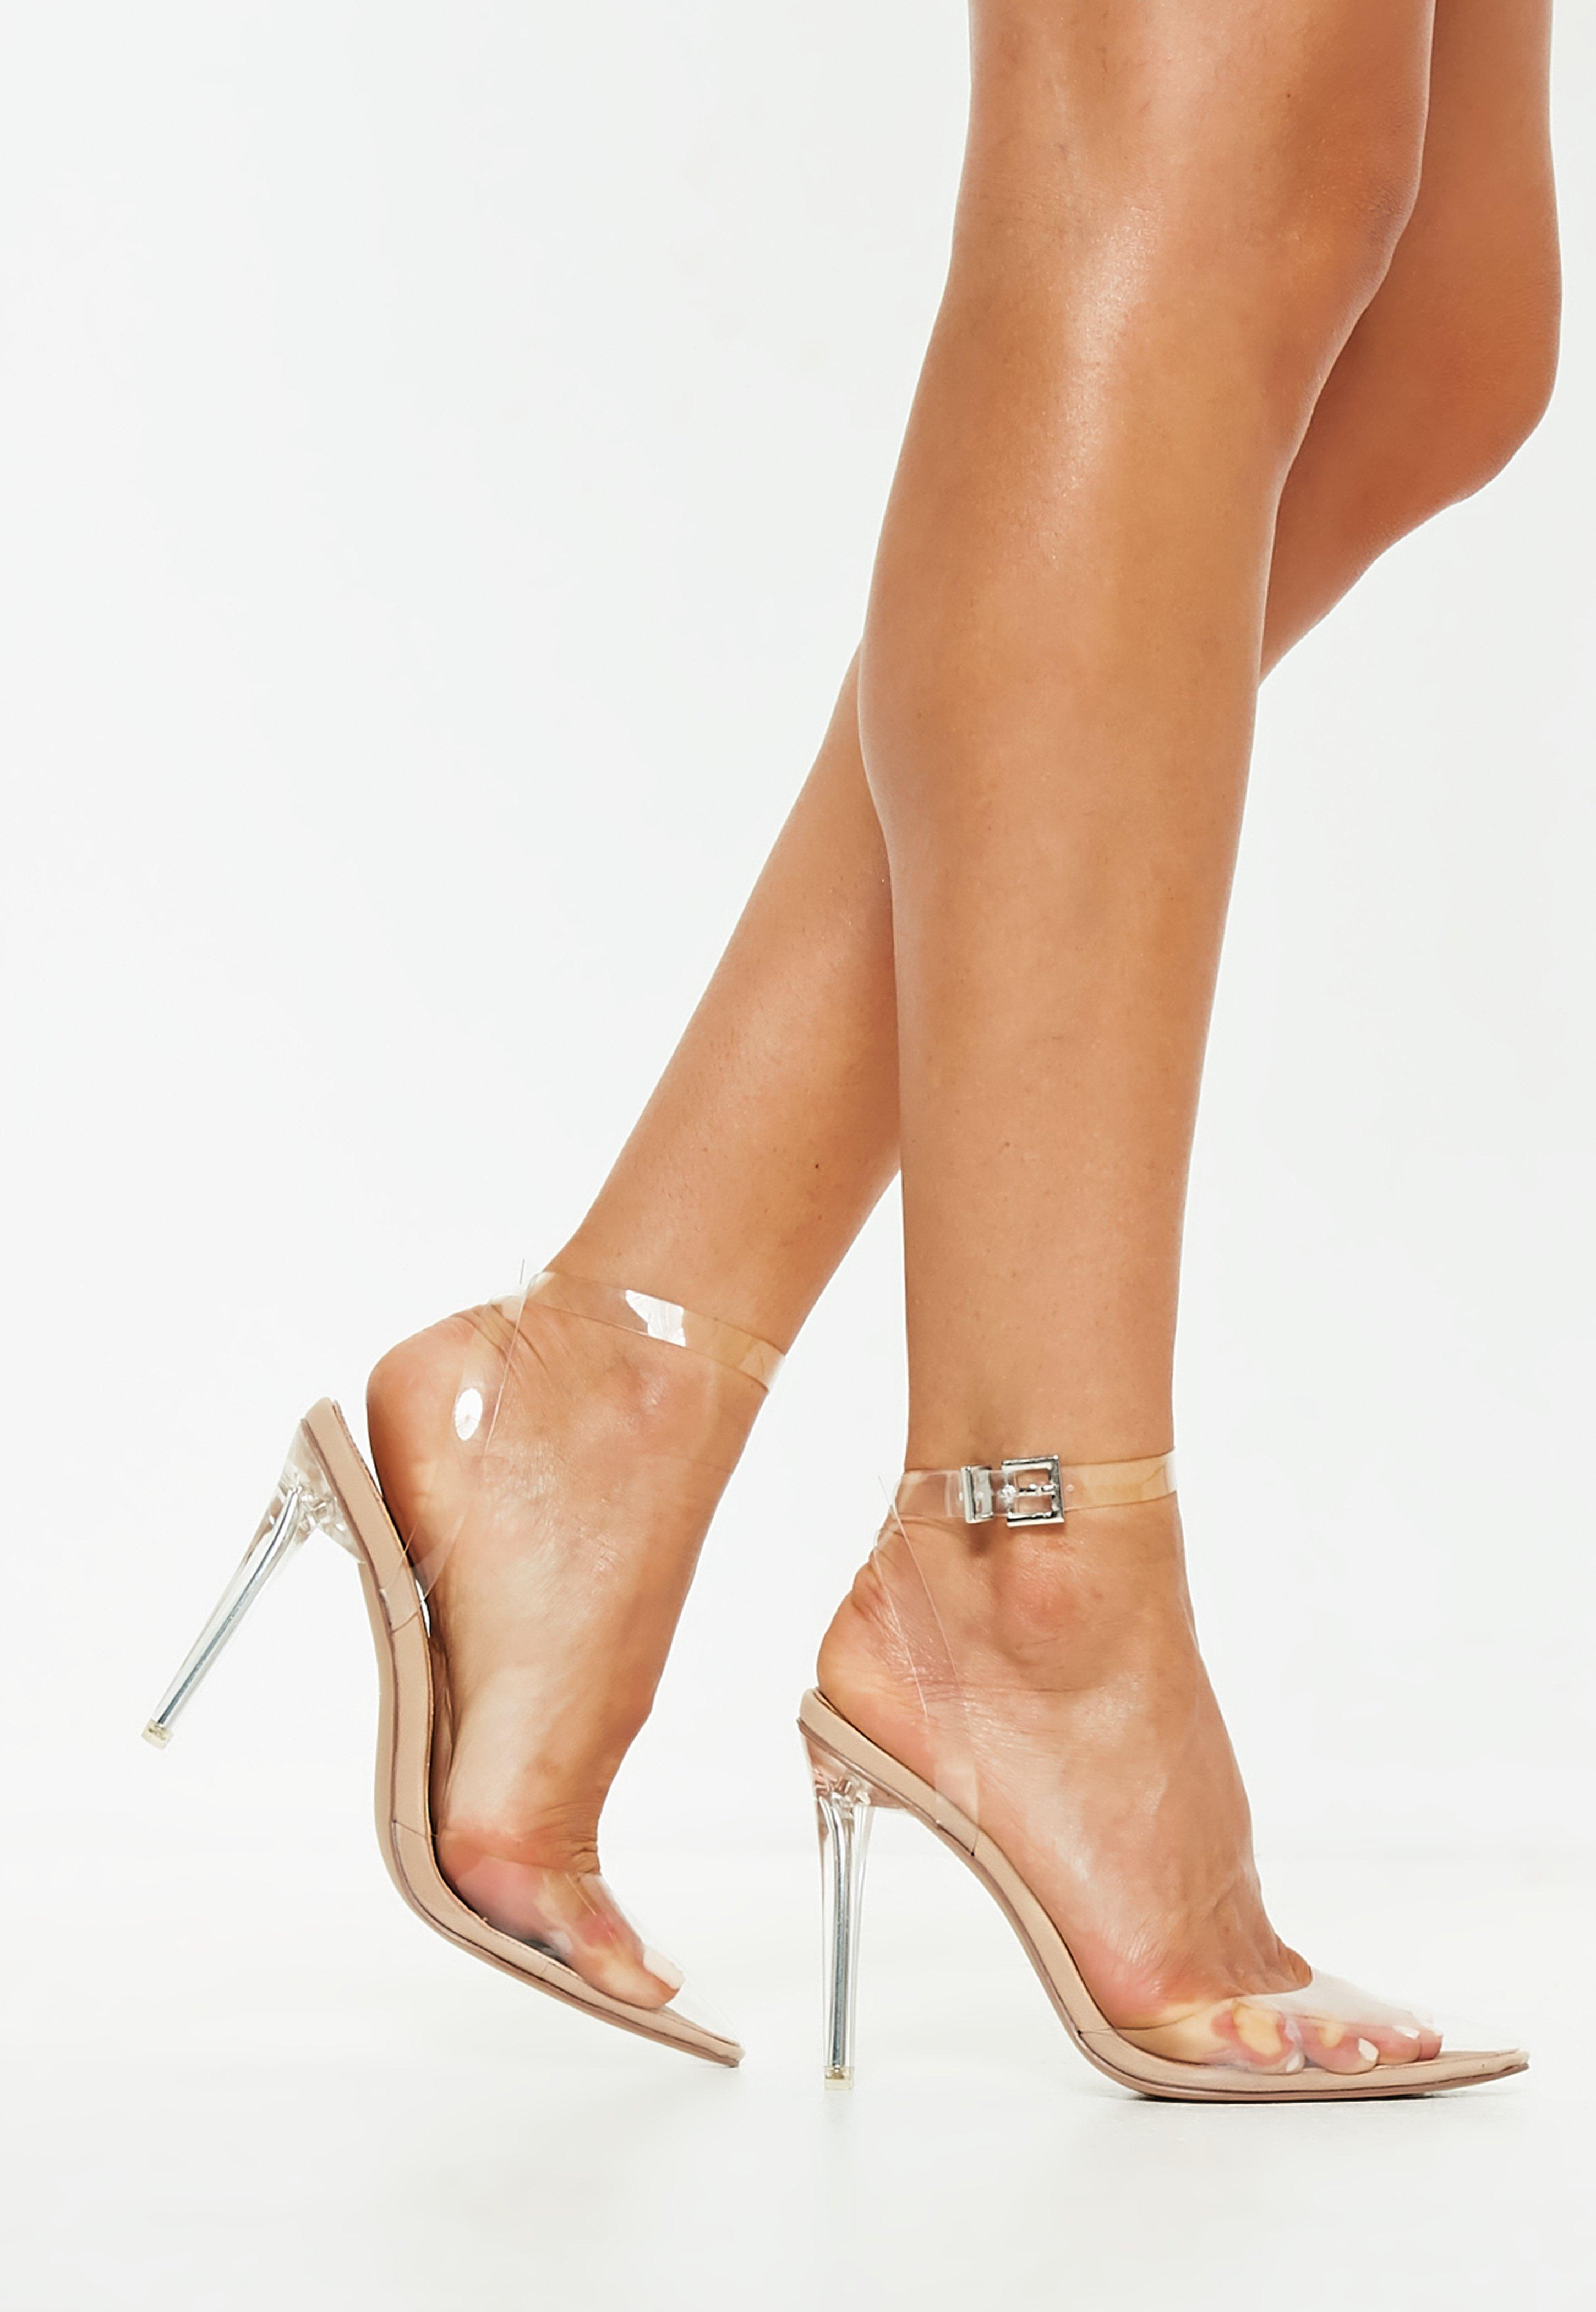 Brides Transparentes Sandales À Plastique Talons n0PNO8wyvm